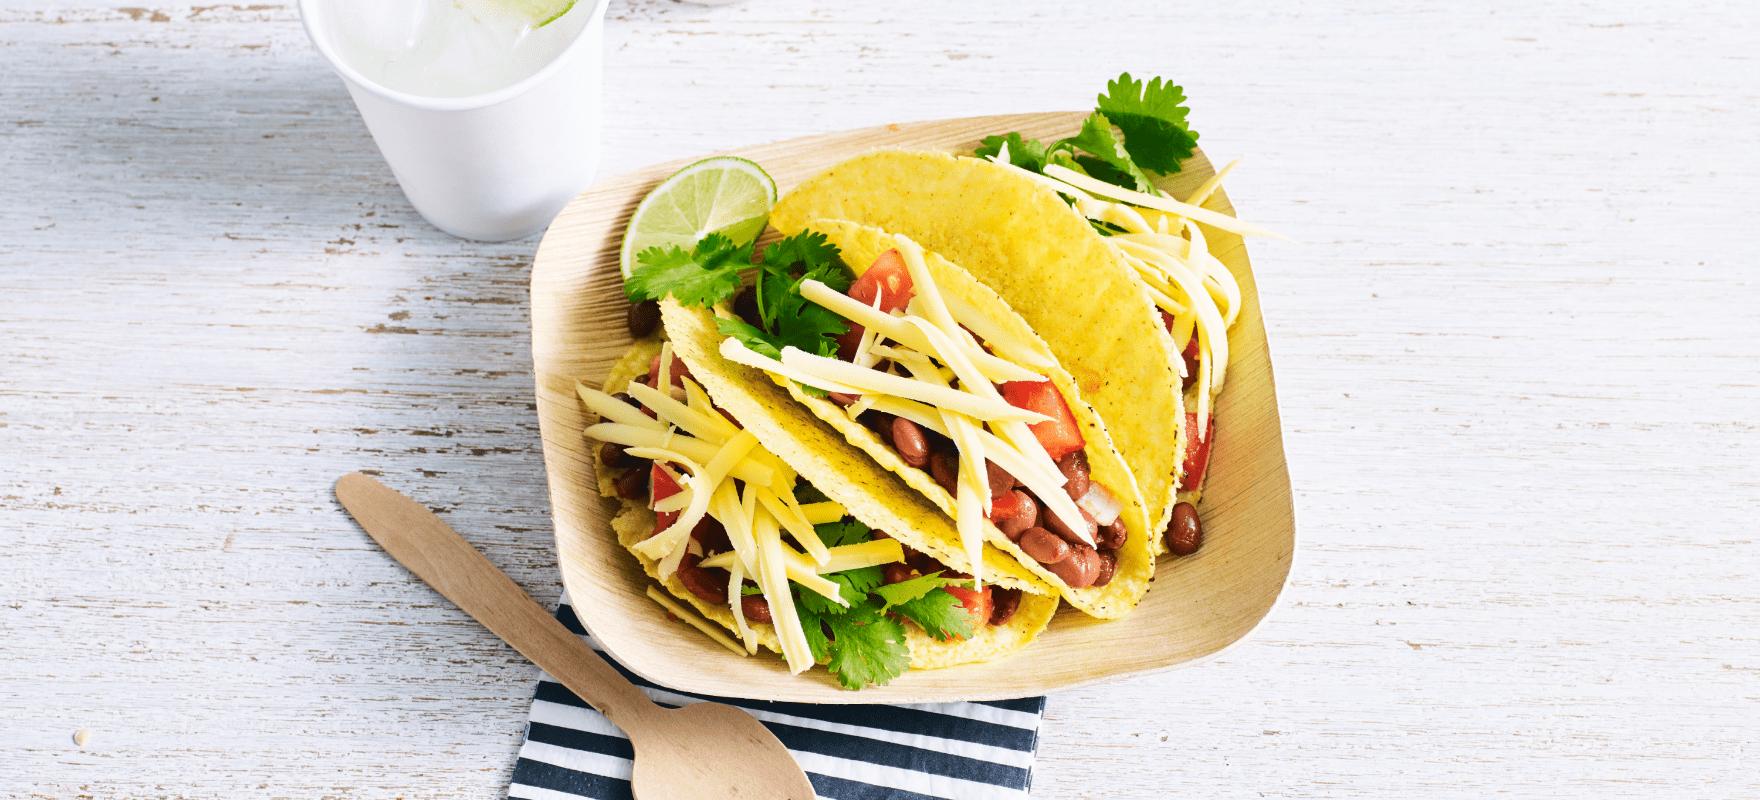 Mex fest vegan taco image 1